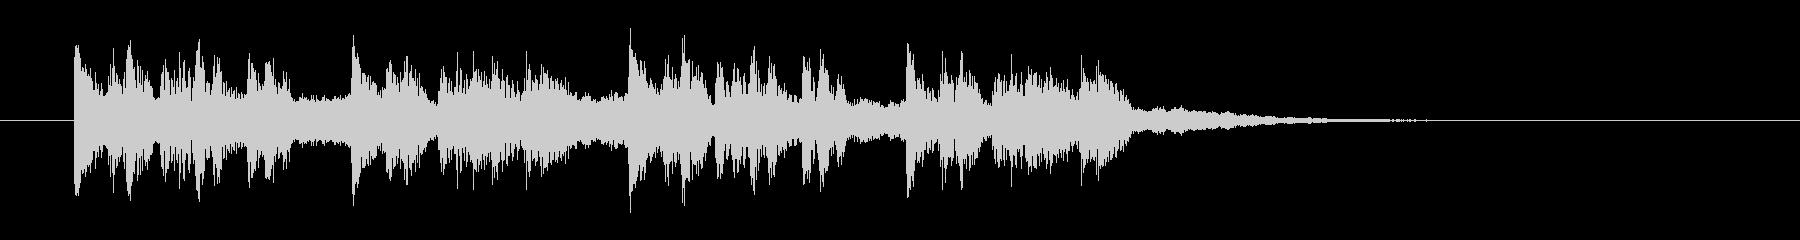 シンセサイザーのクールなミュージックの未再生の波形